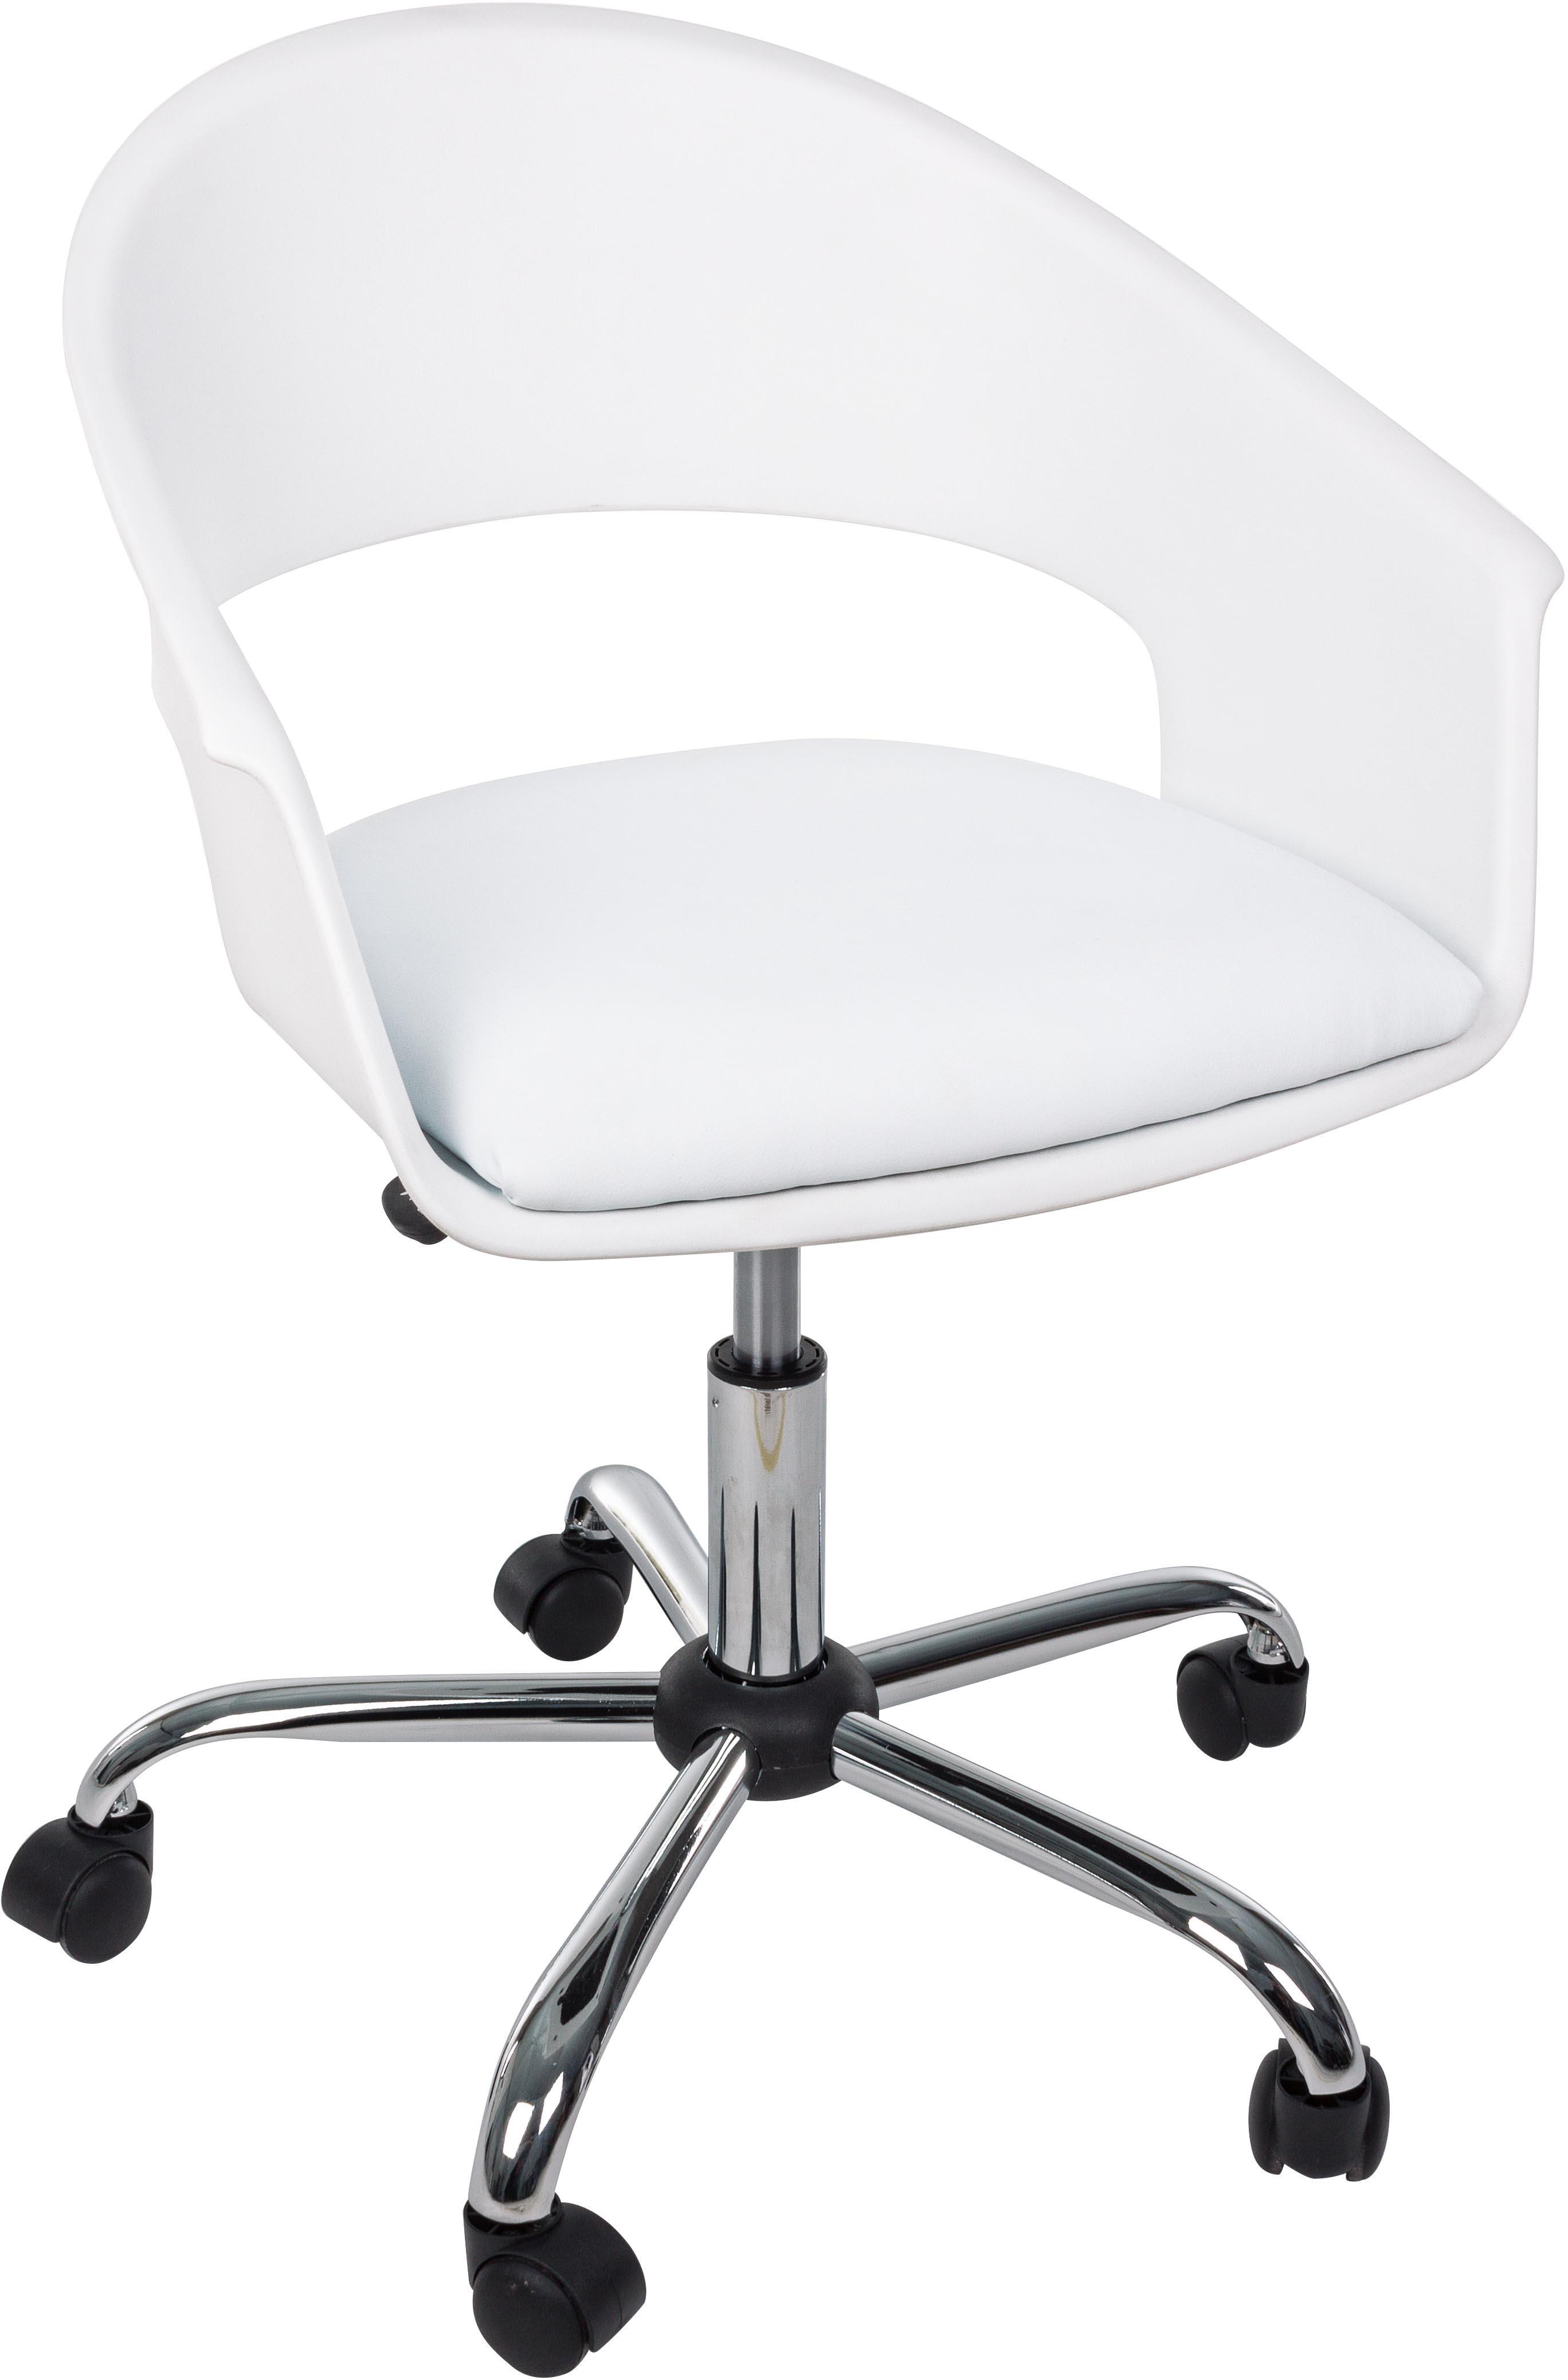 Sedia da ufficio girevole Wells, Seduta: similpelle, Struttura: metallo cromato, Ruote: plastica, Bianco, Larg. 50 x Prof. 58 cm